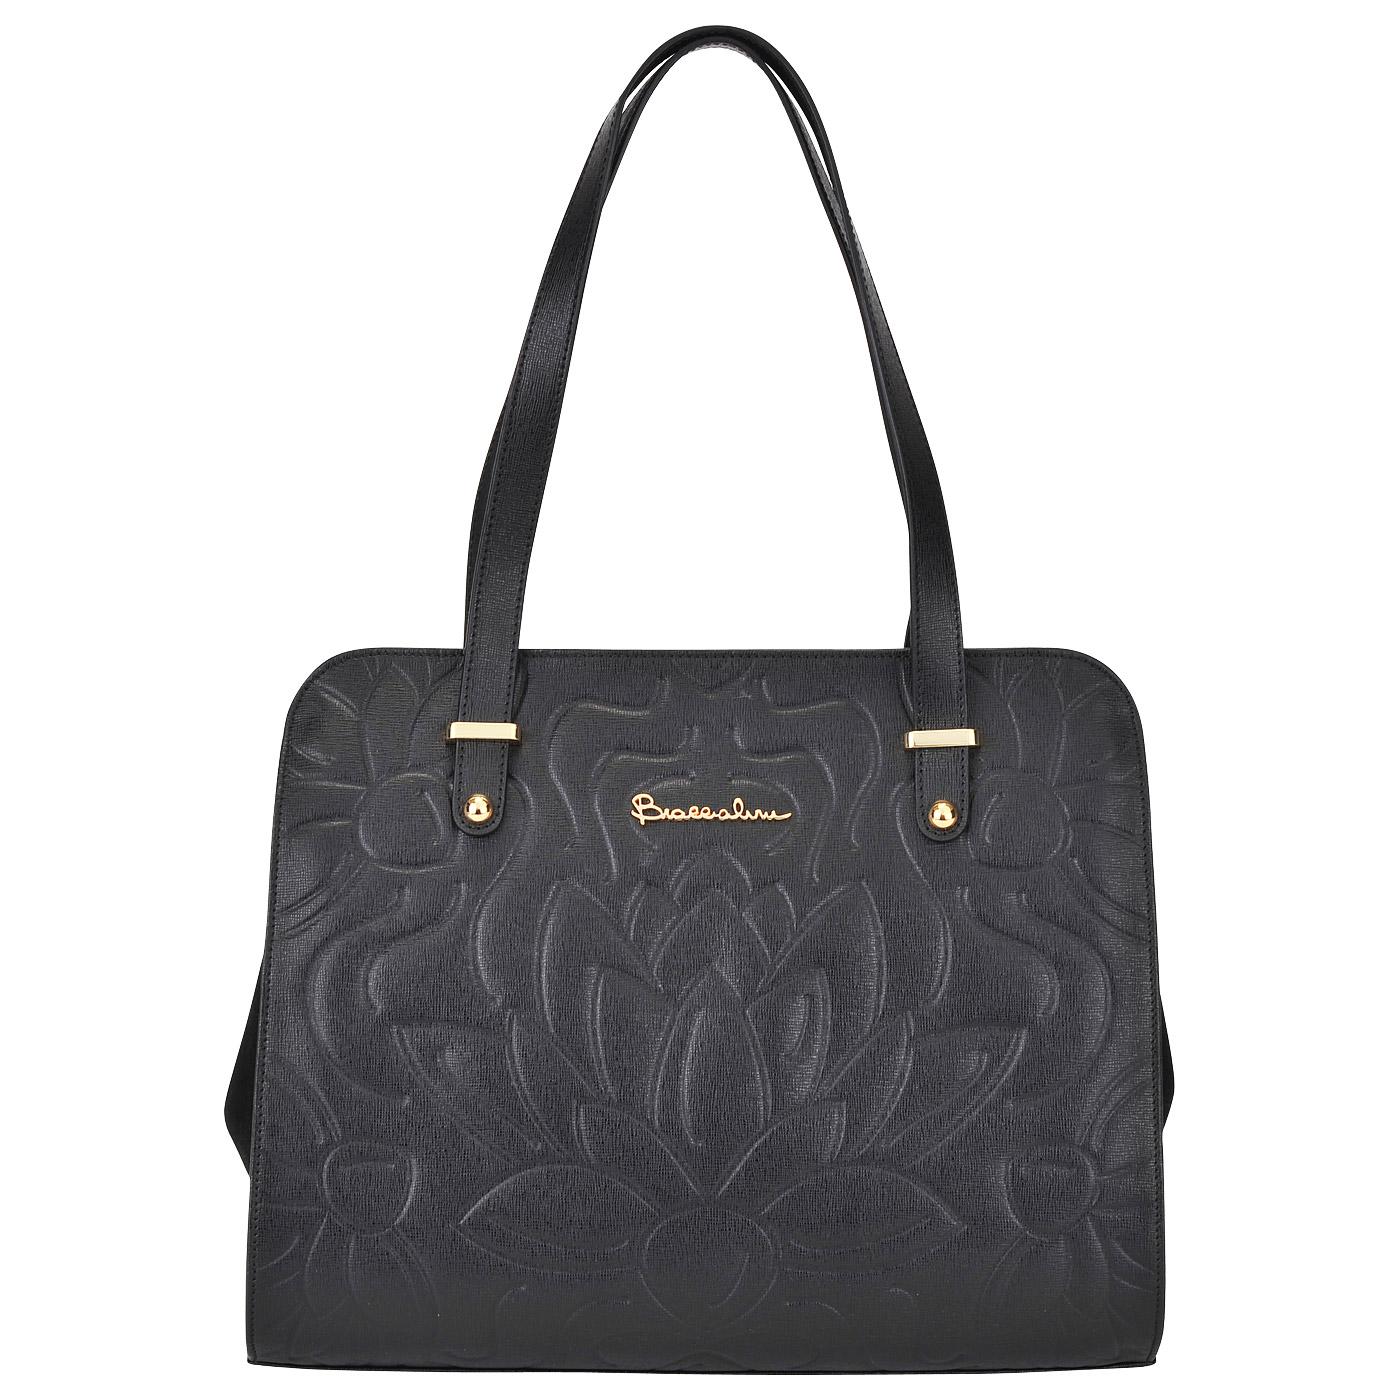 31c8ed961e0b Женская кожаная сумка Braccialini Silvia Женская кожаная сумка Braccialini  Silvia ...